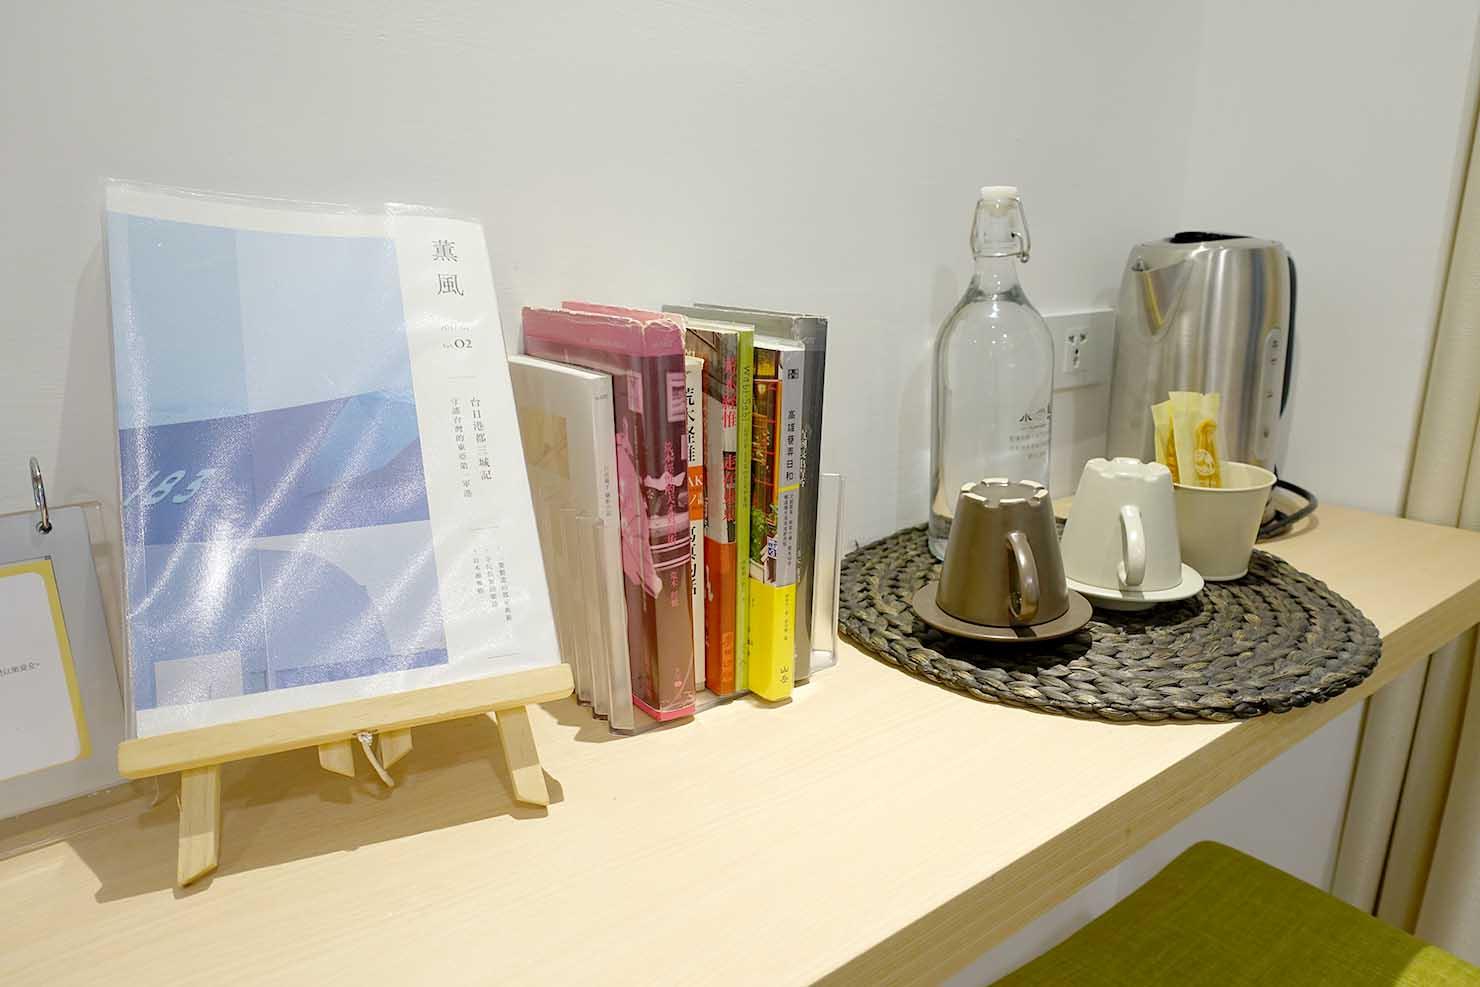 高雄・美麗島駅徒歩3分の立地最高なおすすめホテル「小島公寓 Island House」ダブルルームに置かれた本